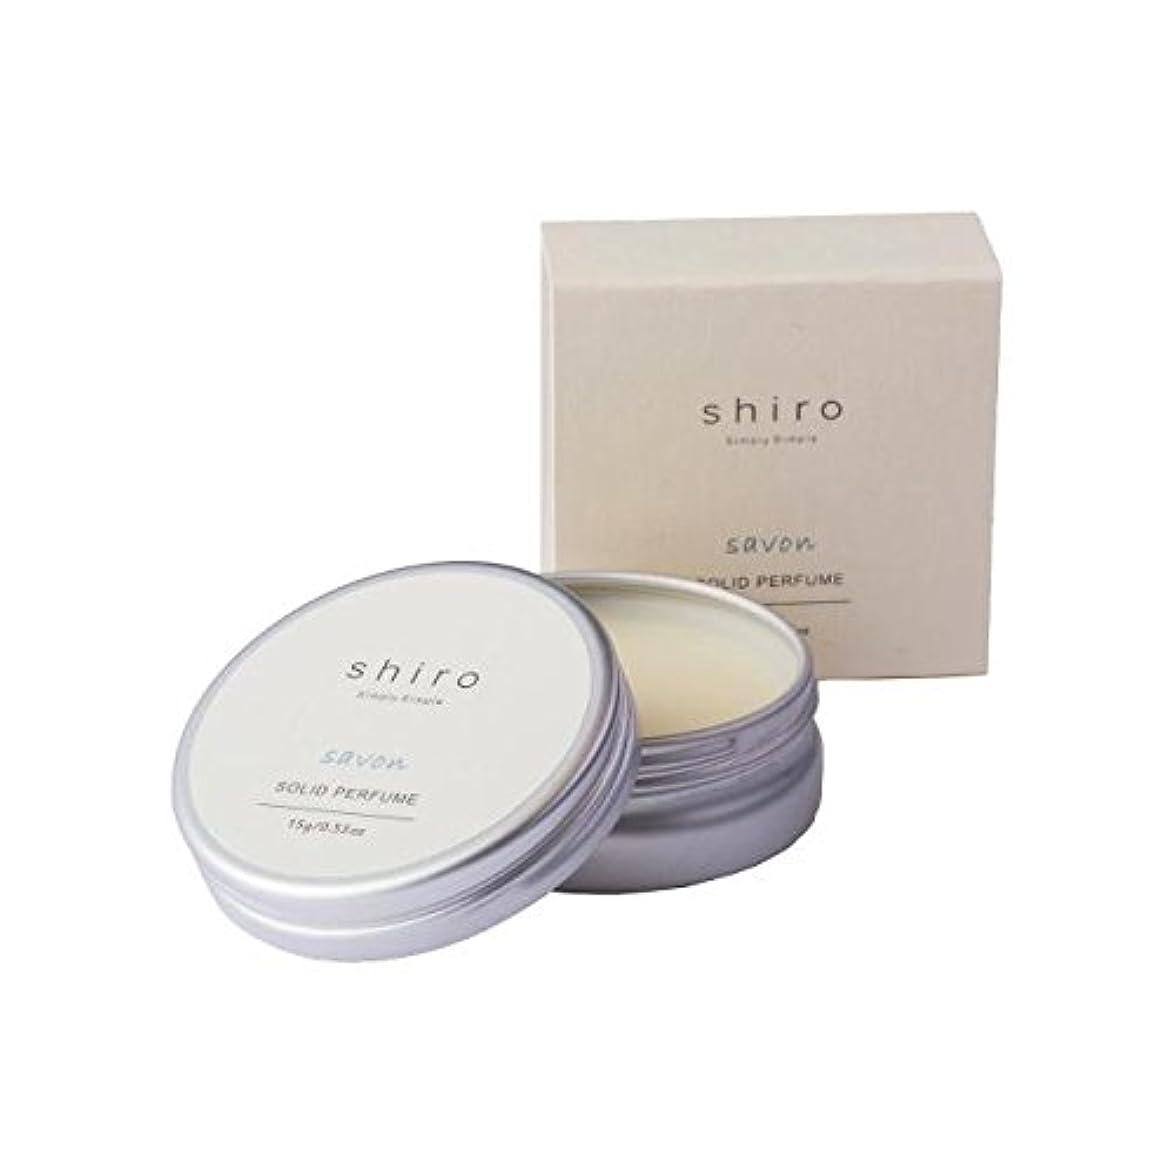 イチゴチューリップリークshiro サボン 石けんの香り 練り香水 シロ 固形タイプ フレグランス 保湿成分 指先の保湿ケア